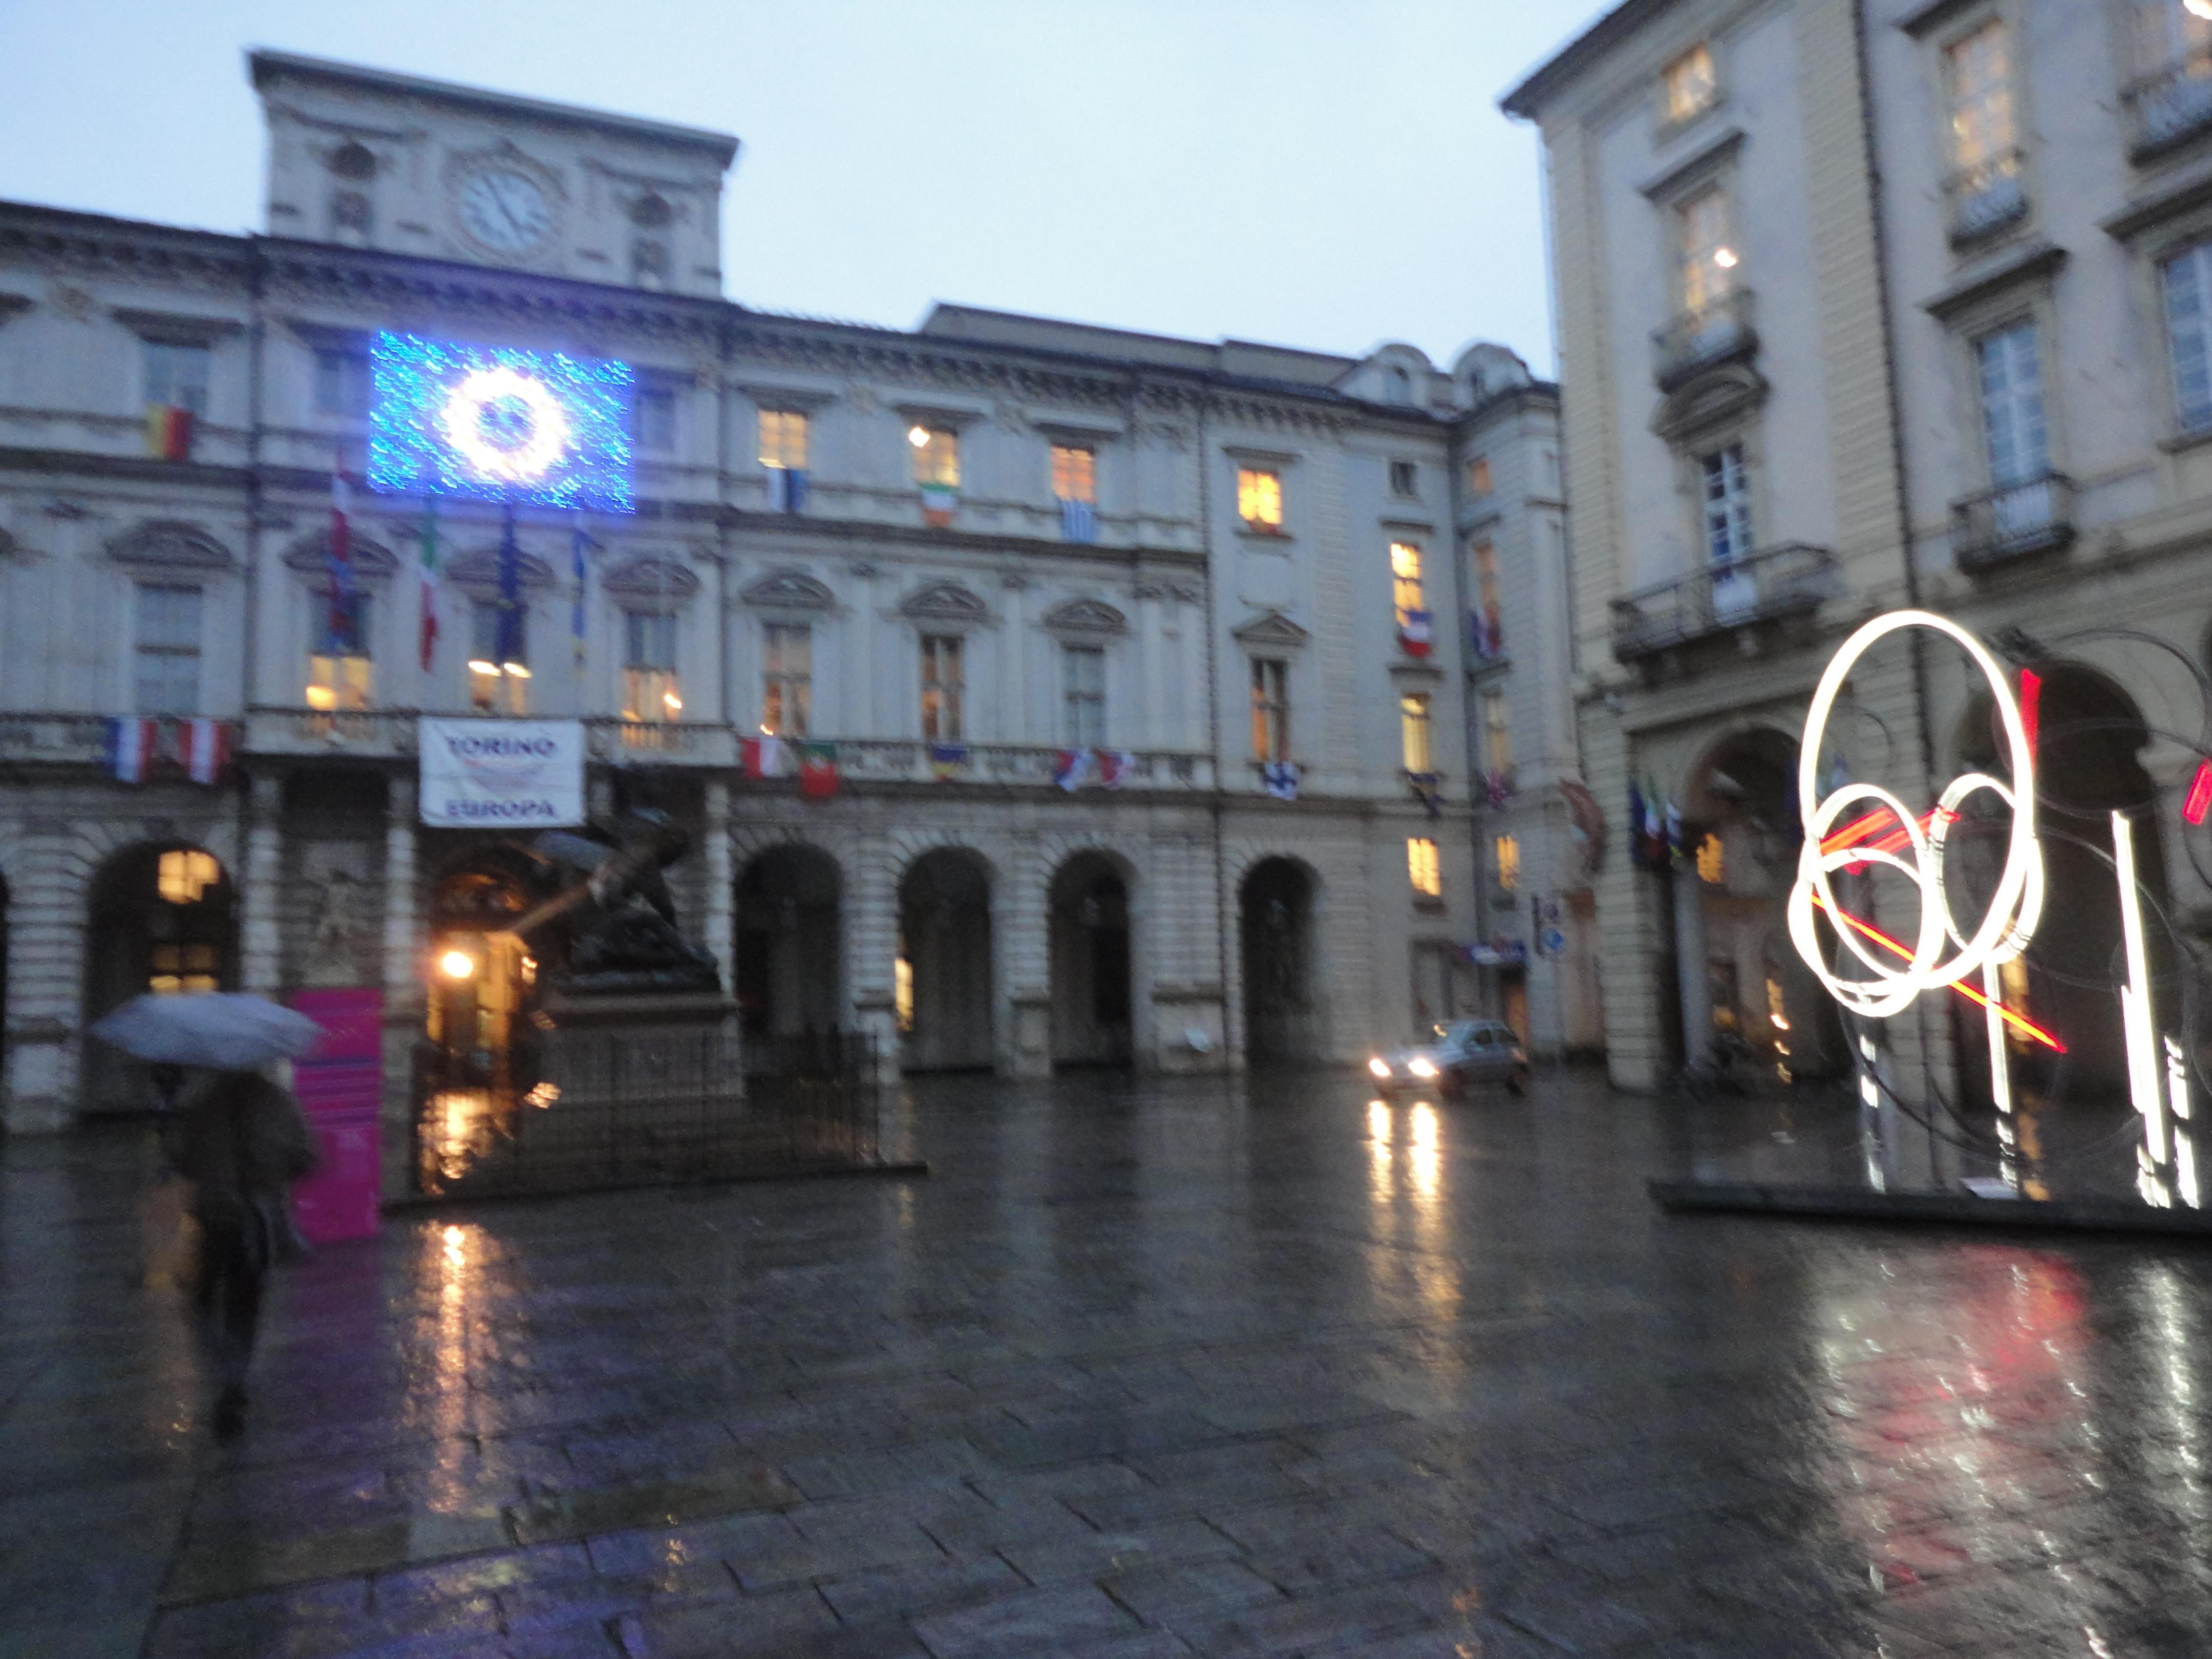 Comune di torino sotto la pioggia il blog di romano borrelli for Sotto la pioggia ombrelli